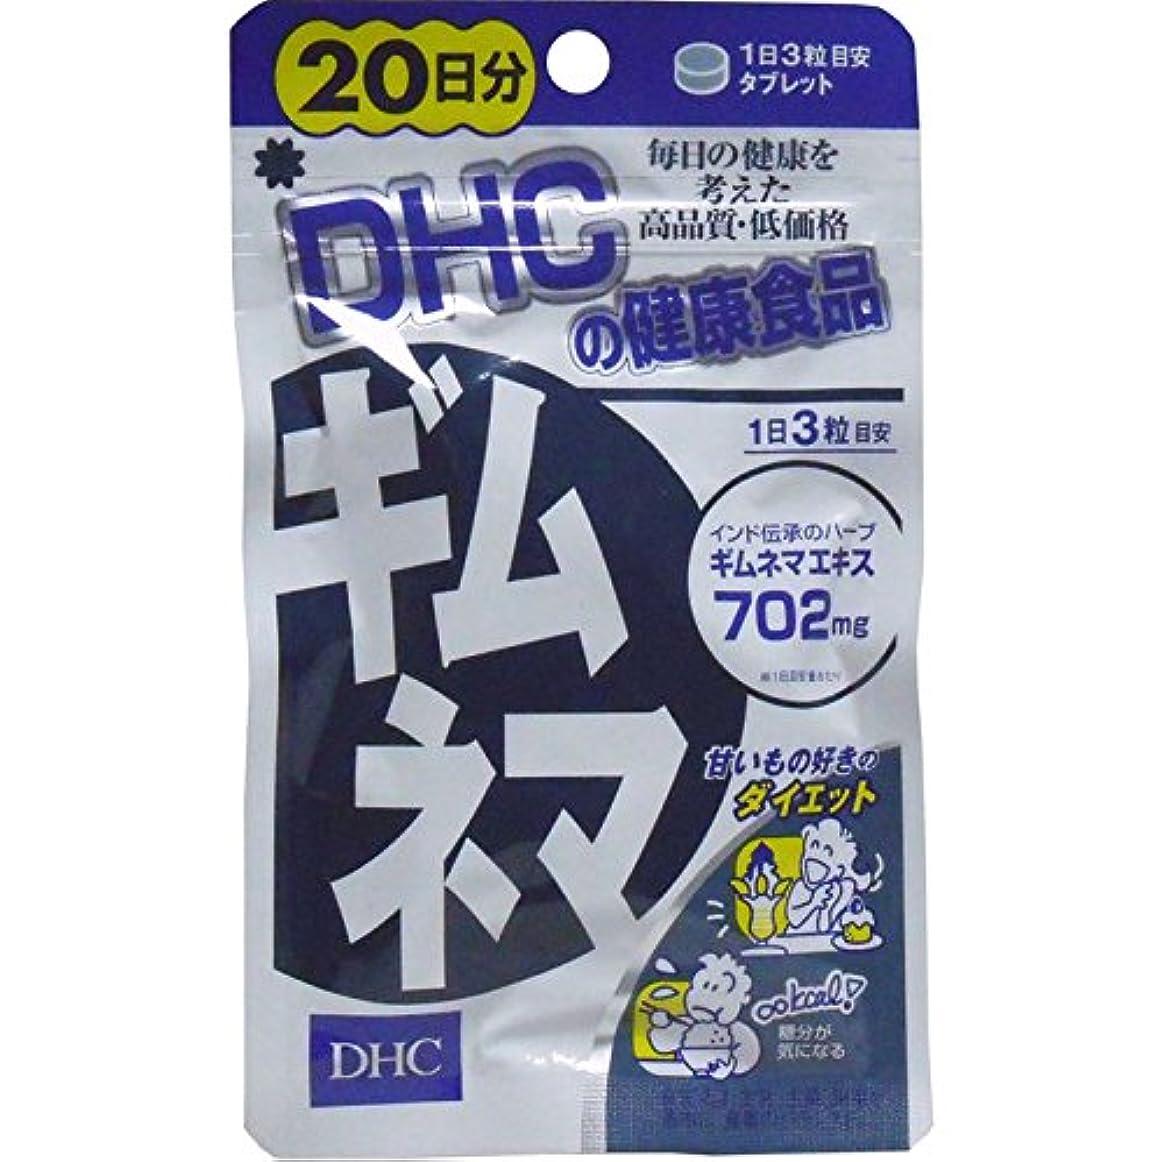 キャロライン罰する黒人ダイエット 美容 健康 余分な糖分をブロック 便利 DHC ギムネマ 20日分 60粒【2個セット】